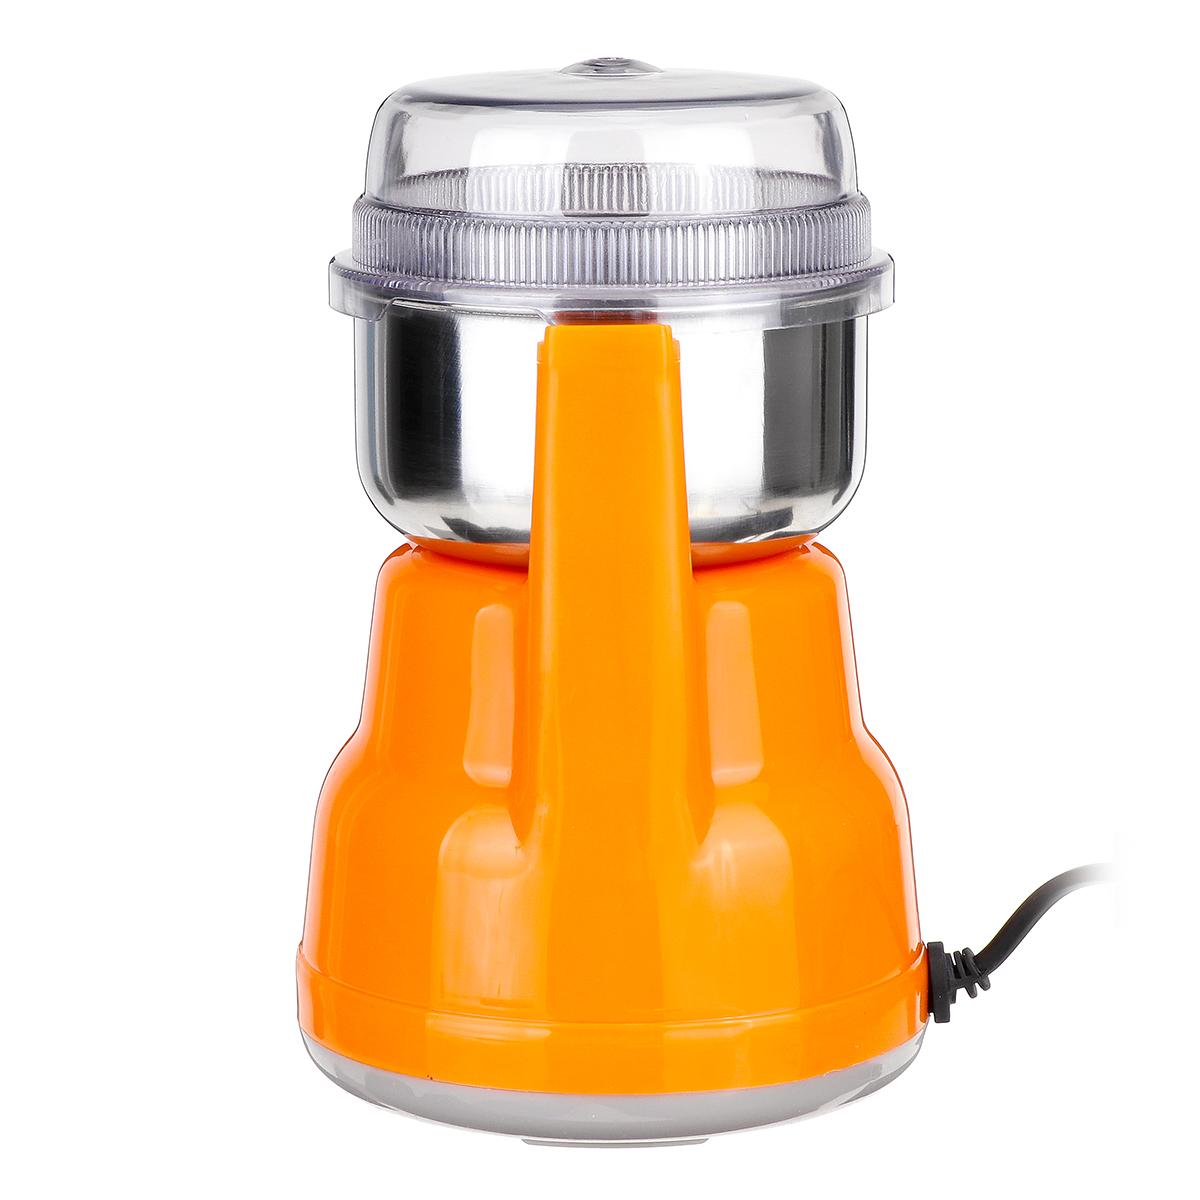 Electric Coffee Grinder Maker Grinding Milling Bean Spice Salt Pepper Grinder